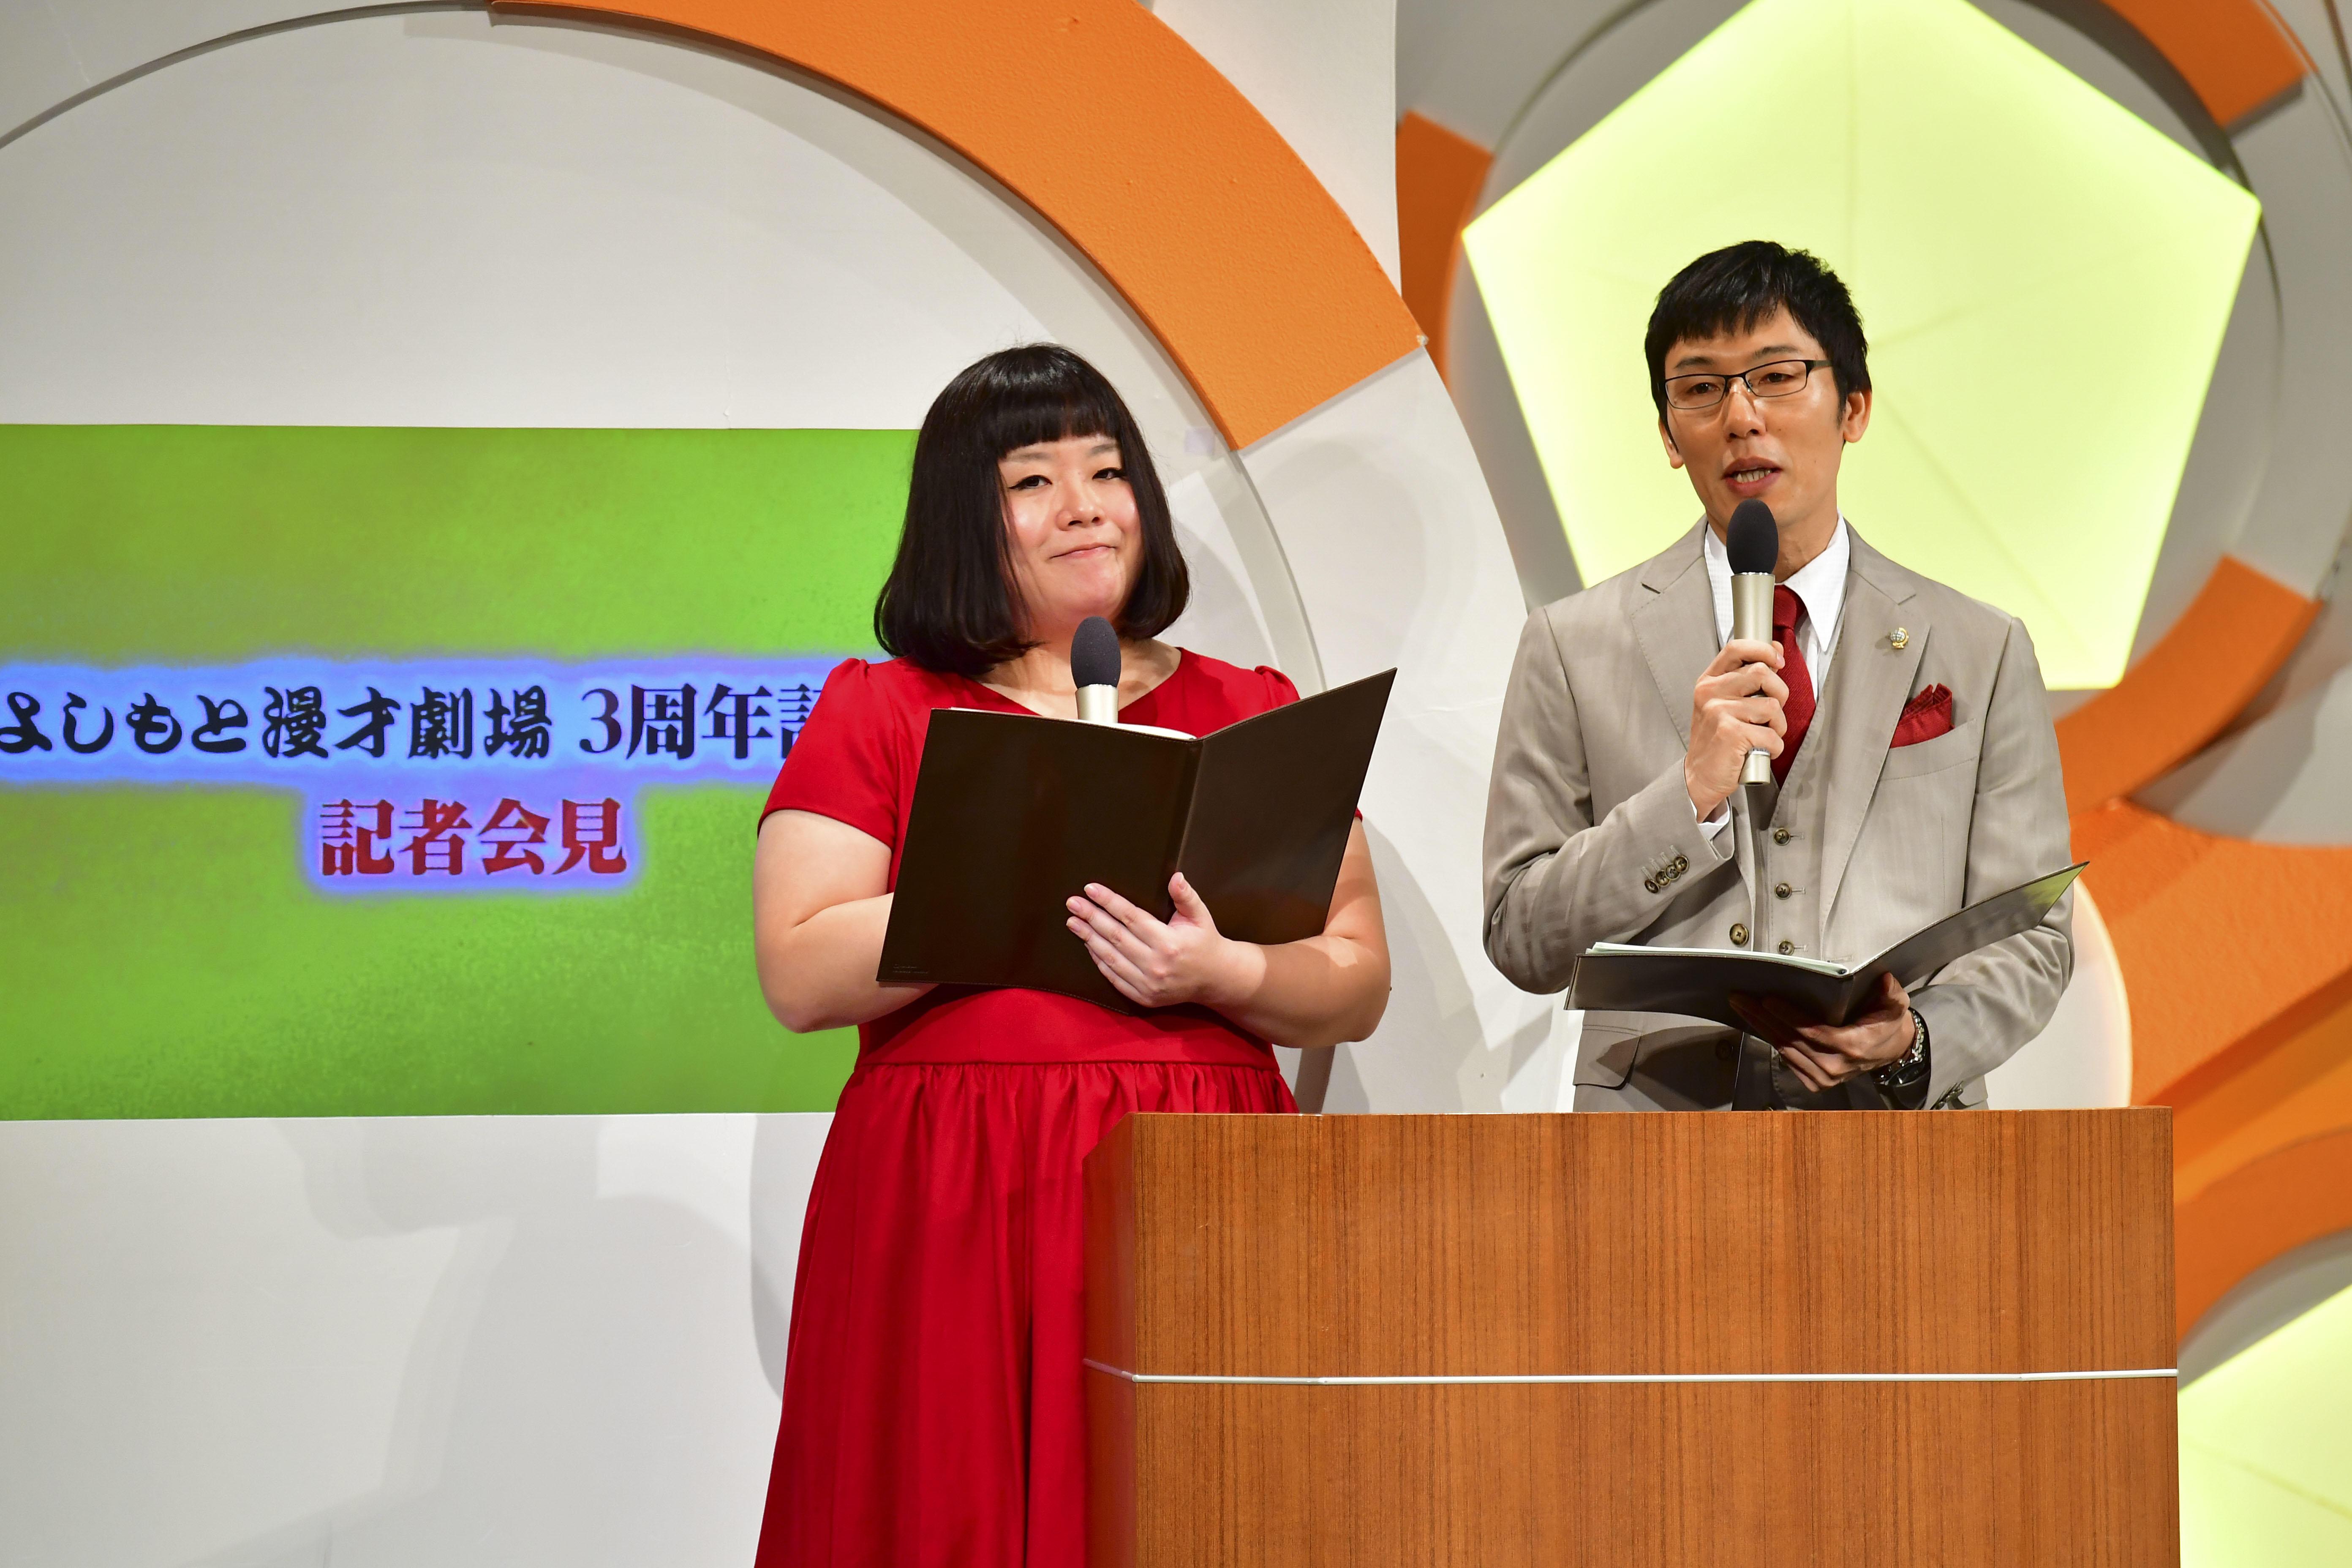 http://news.yoshimoto.co.jp/20171201190257-0547825a89123f3865058519eece6bc63cd5a48b.jpg